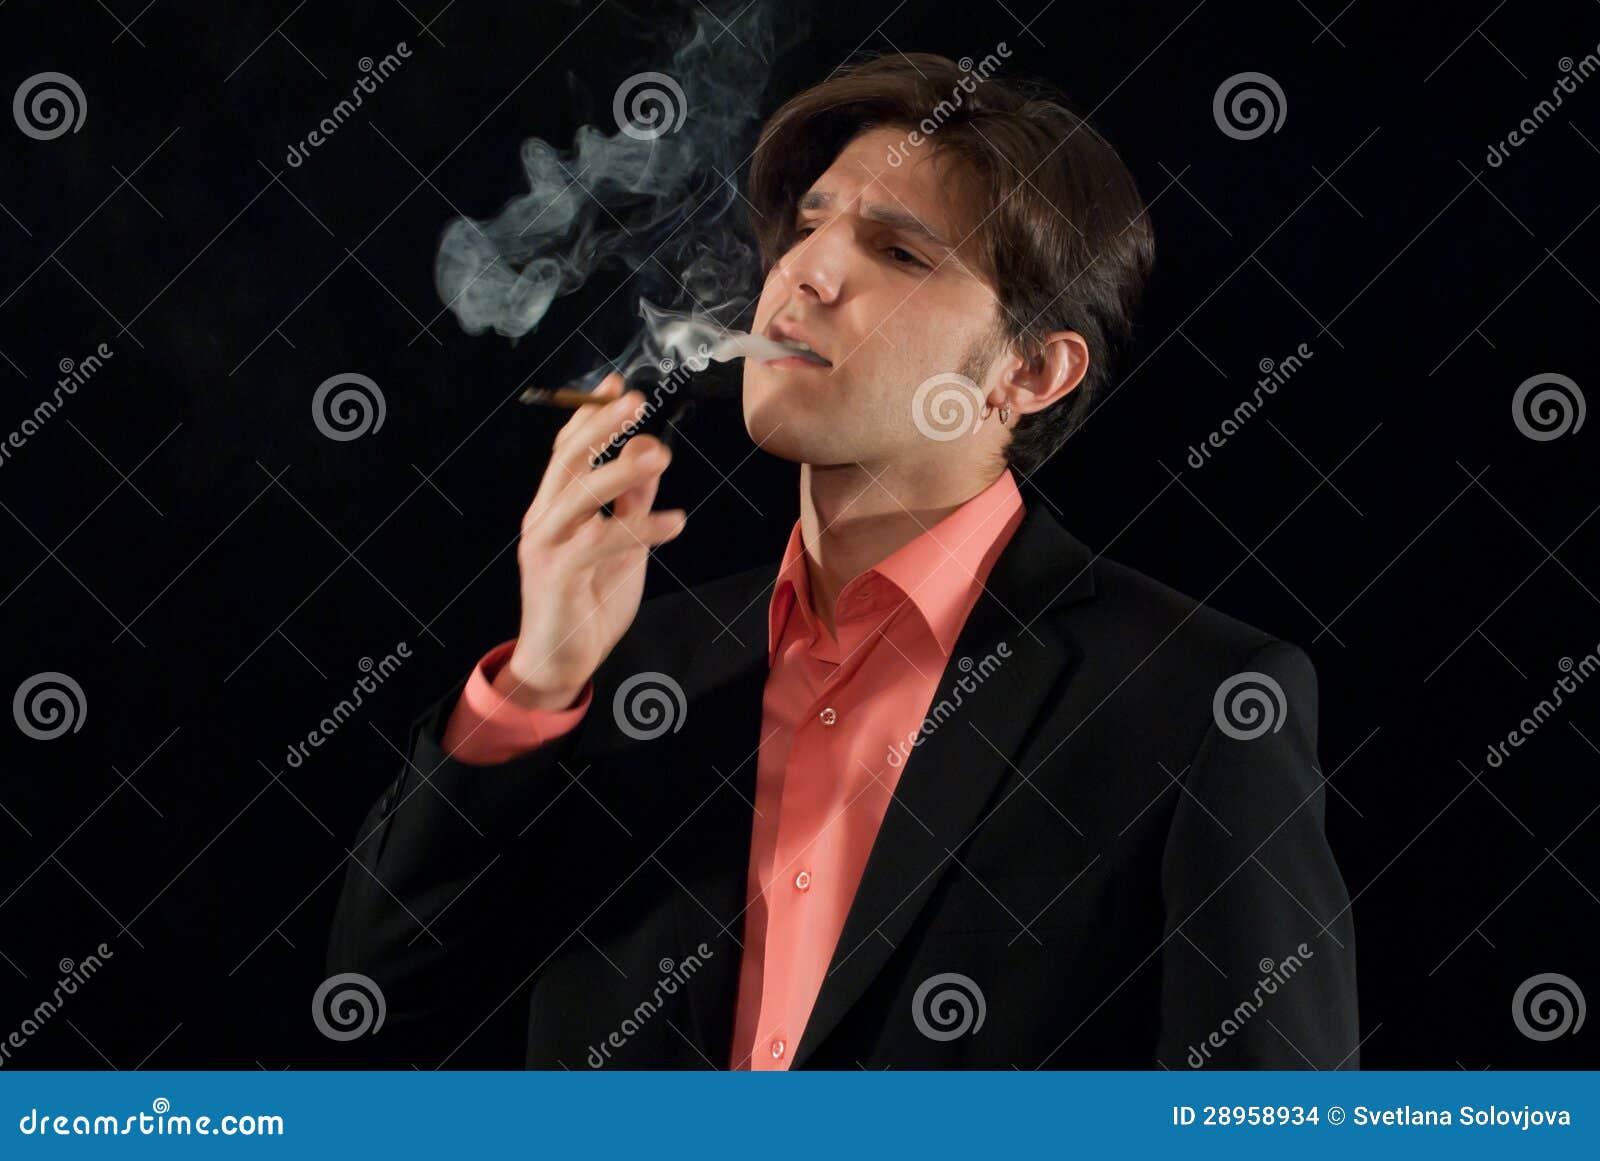 Młody człowiek dymi cygaro